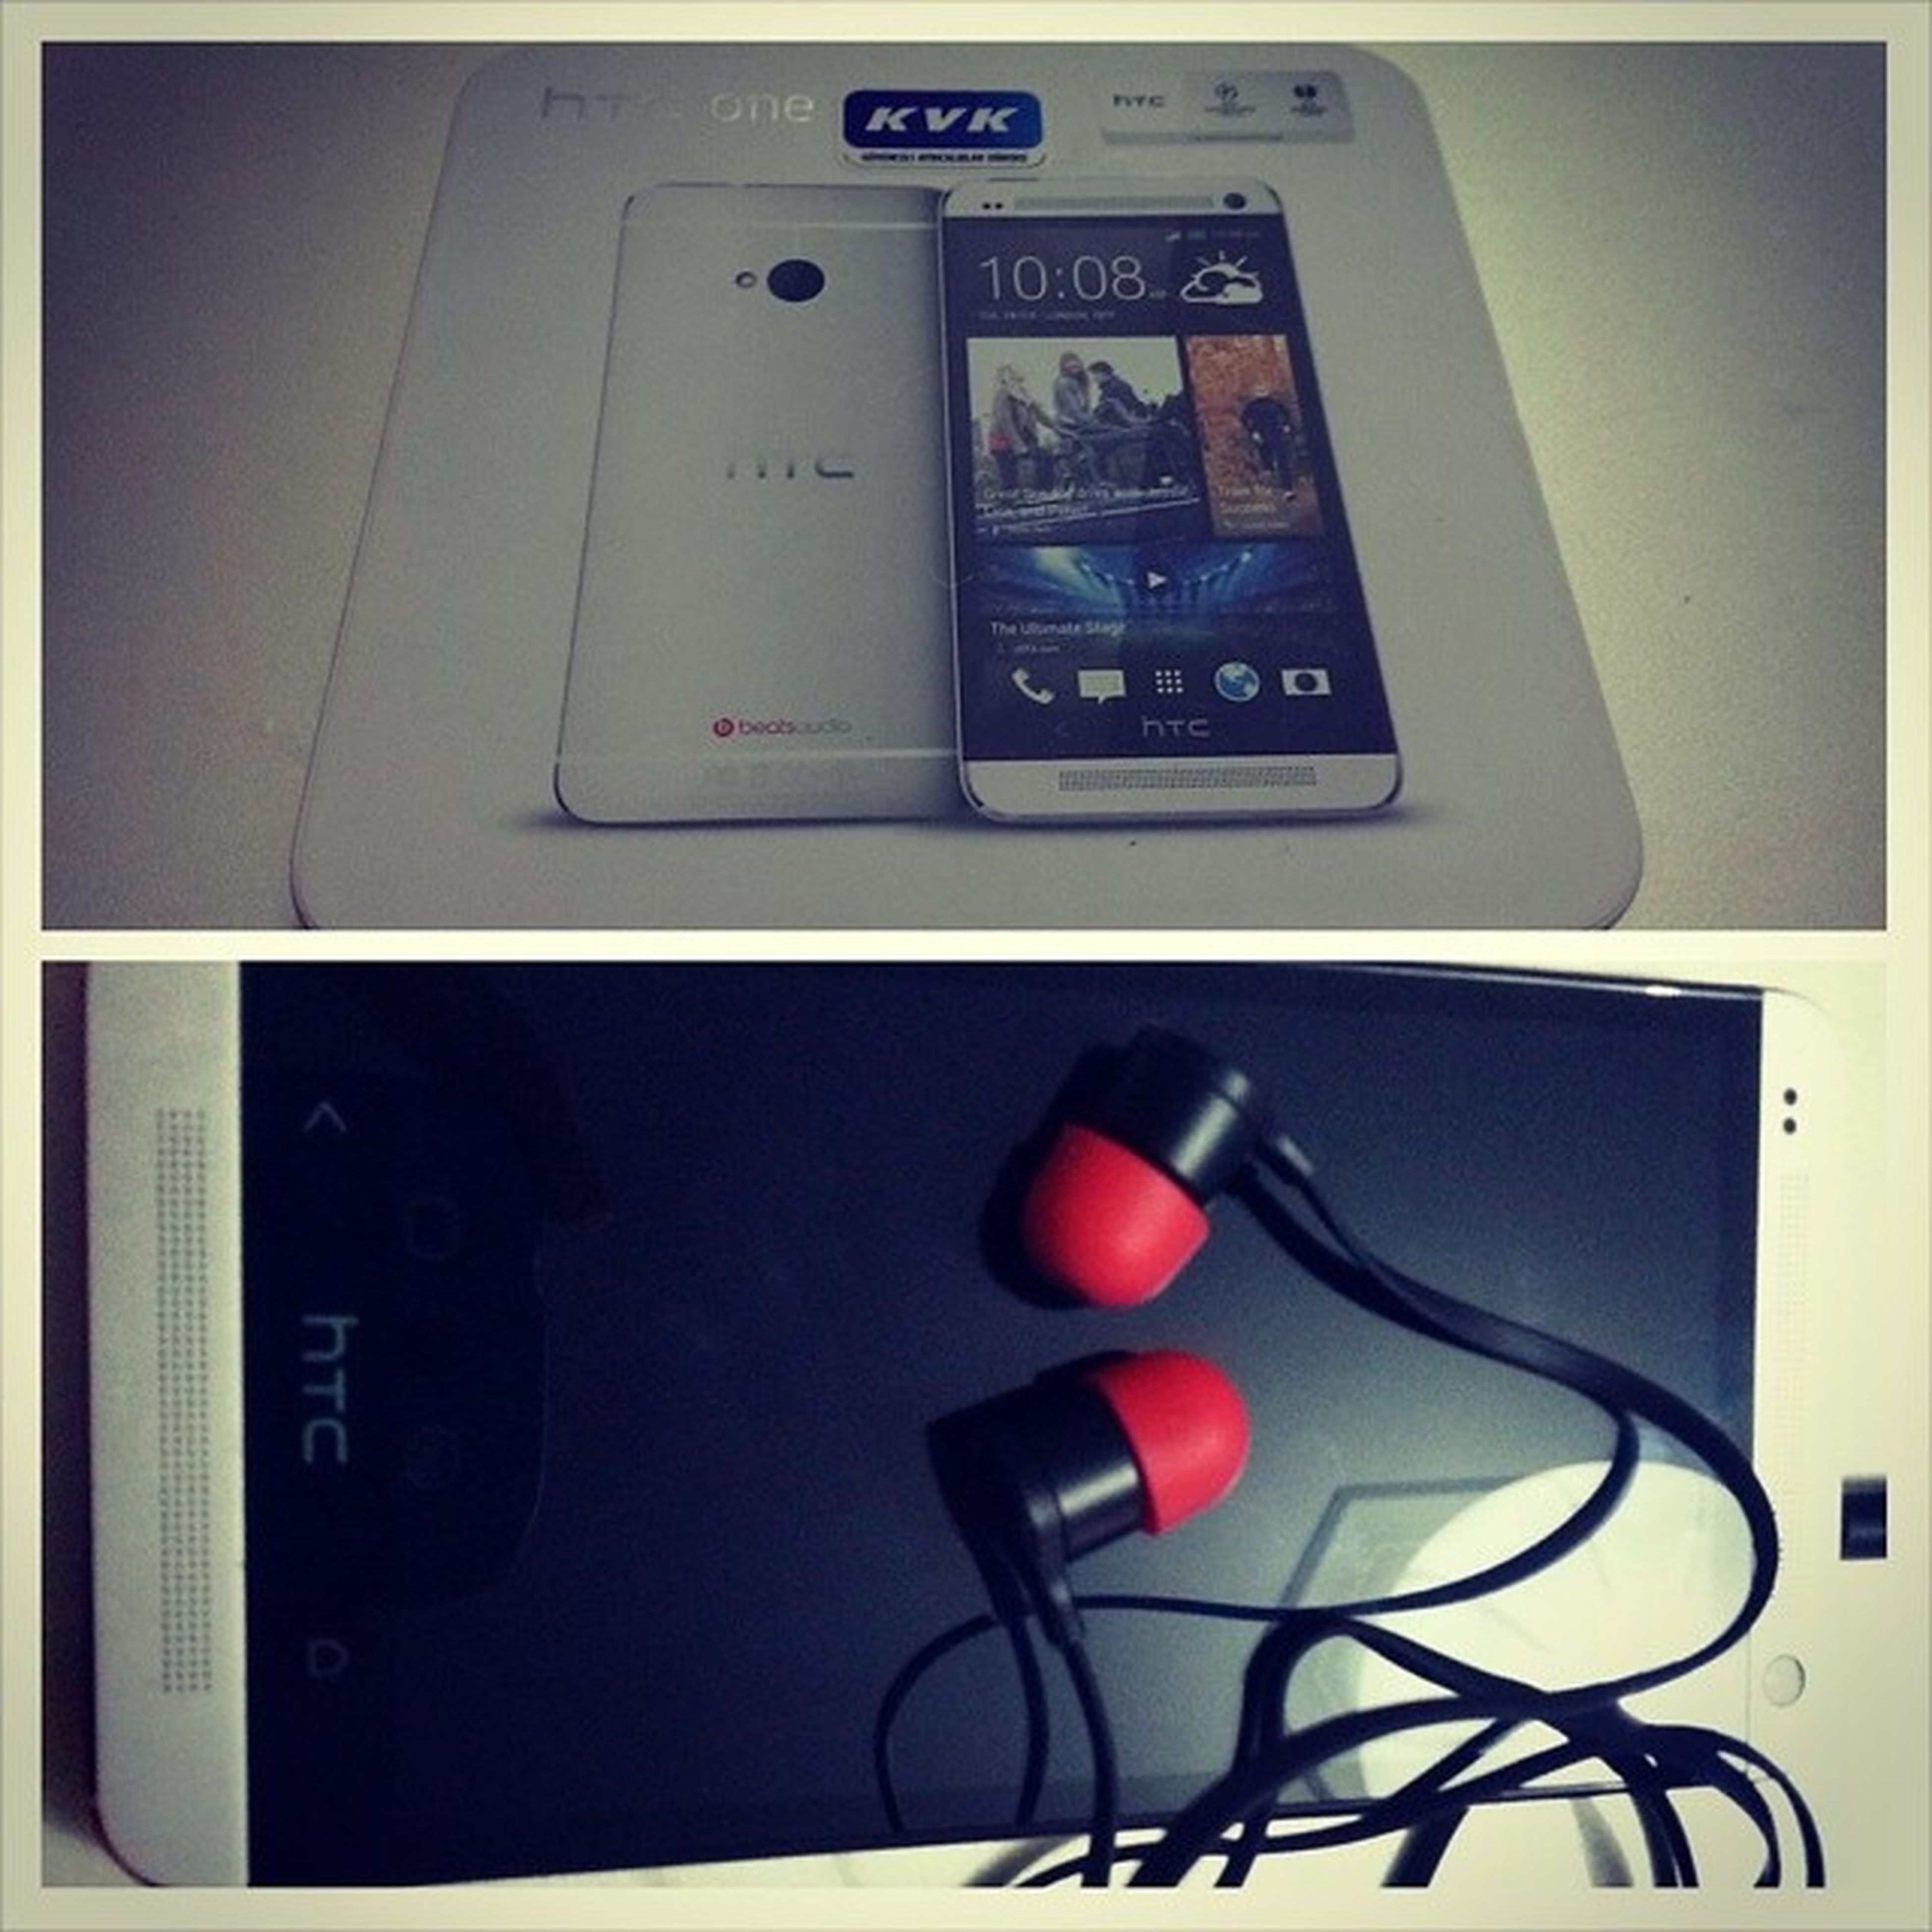 Güne HTC ile merhaba demek .. Anlayamazsınız!! HTC One Serisi BeatsAudio bugunagzimkulaklarimda